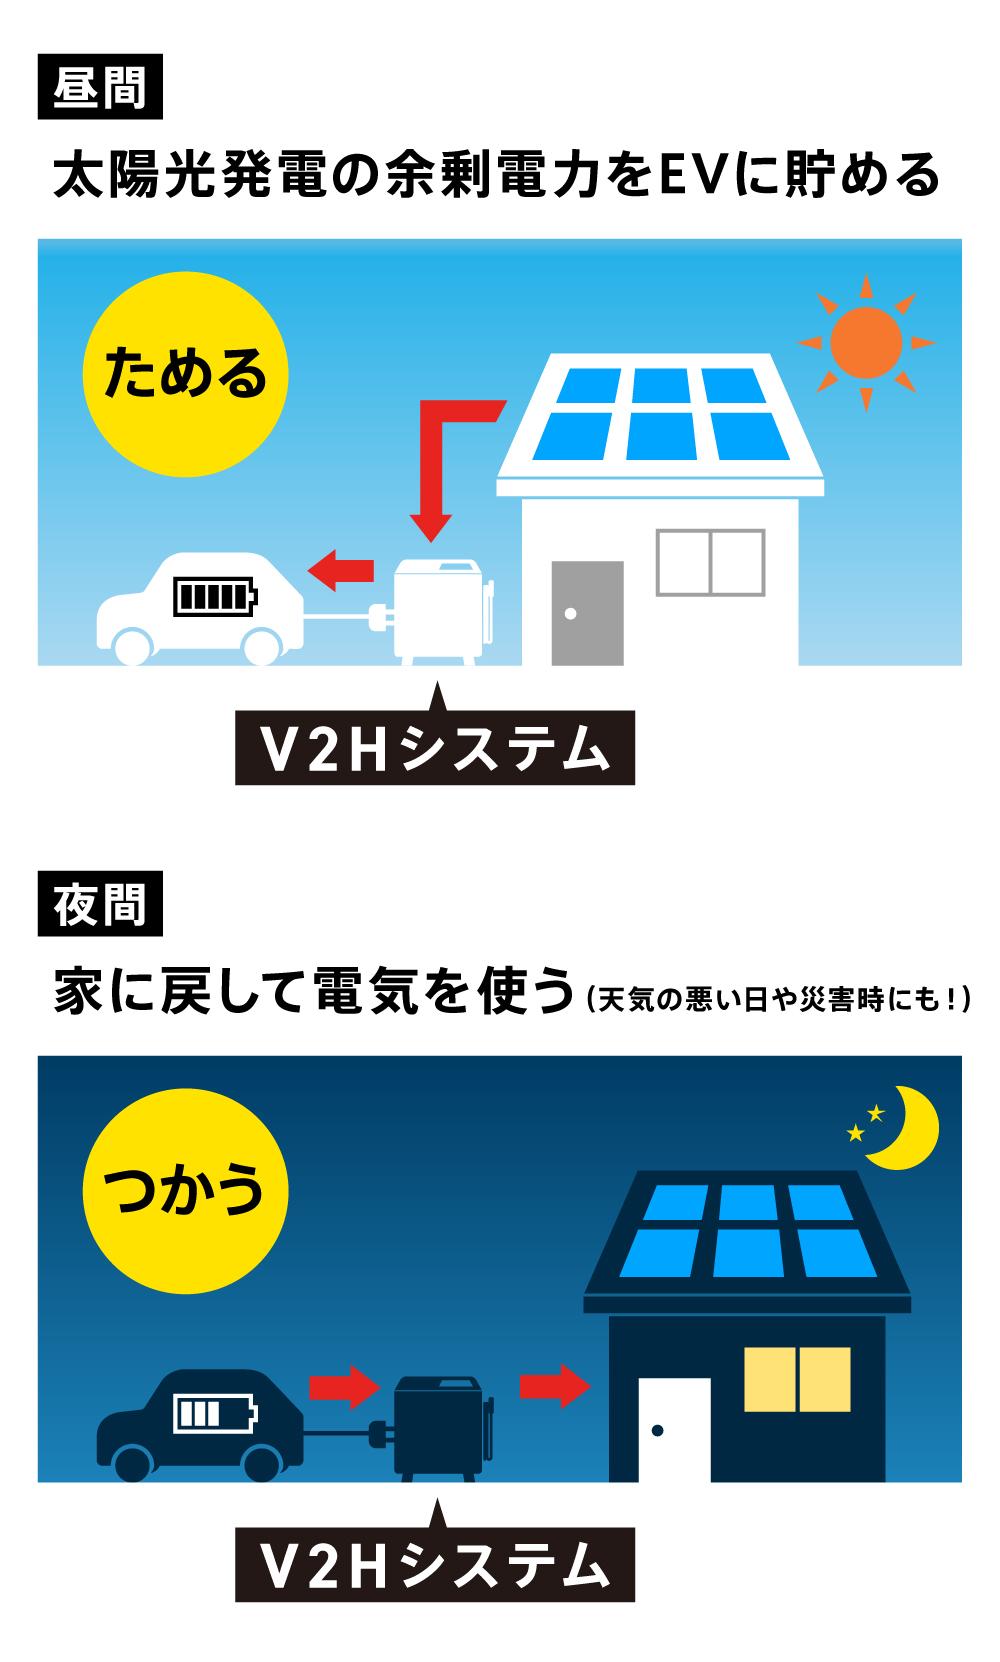 太陽光発電をEVで無駄なく活用するV2Hの仕組み